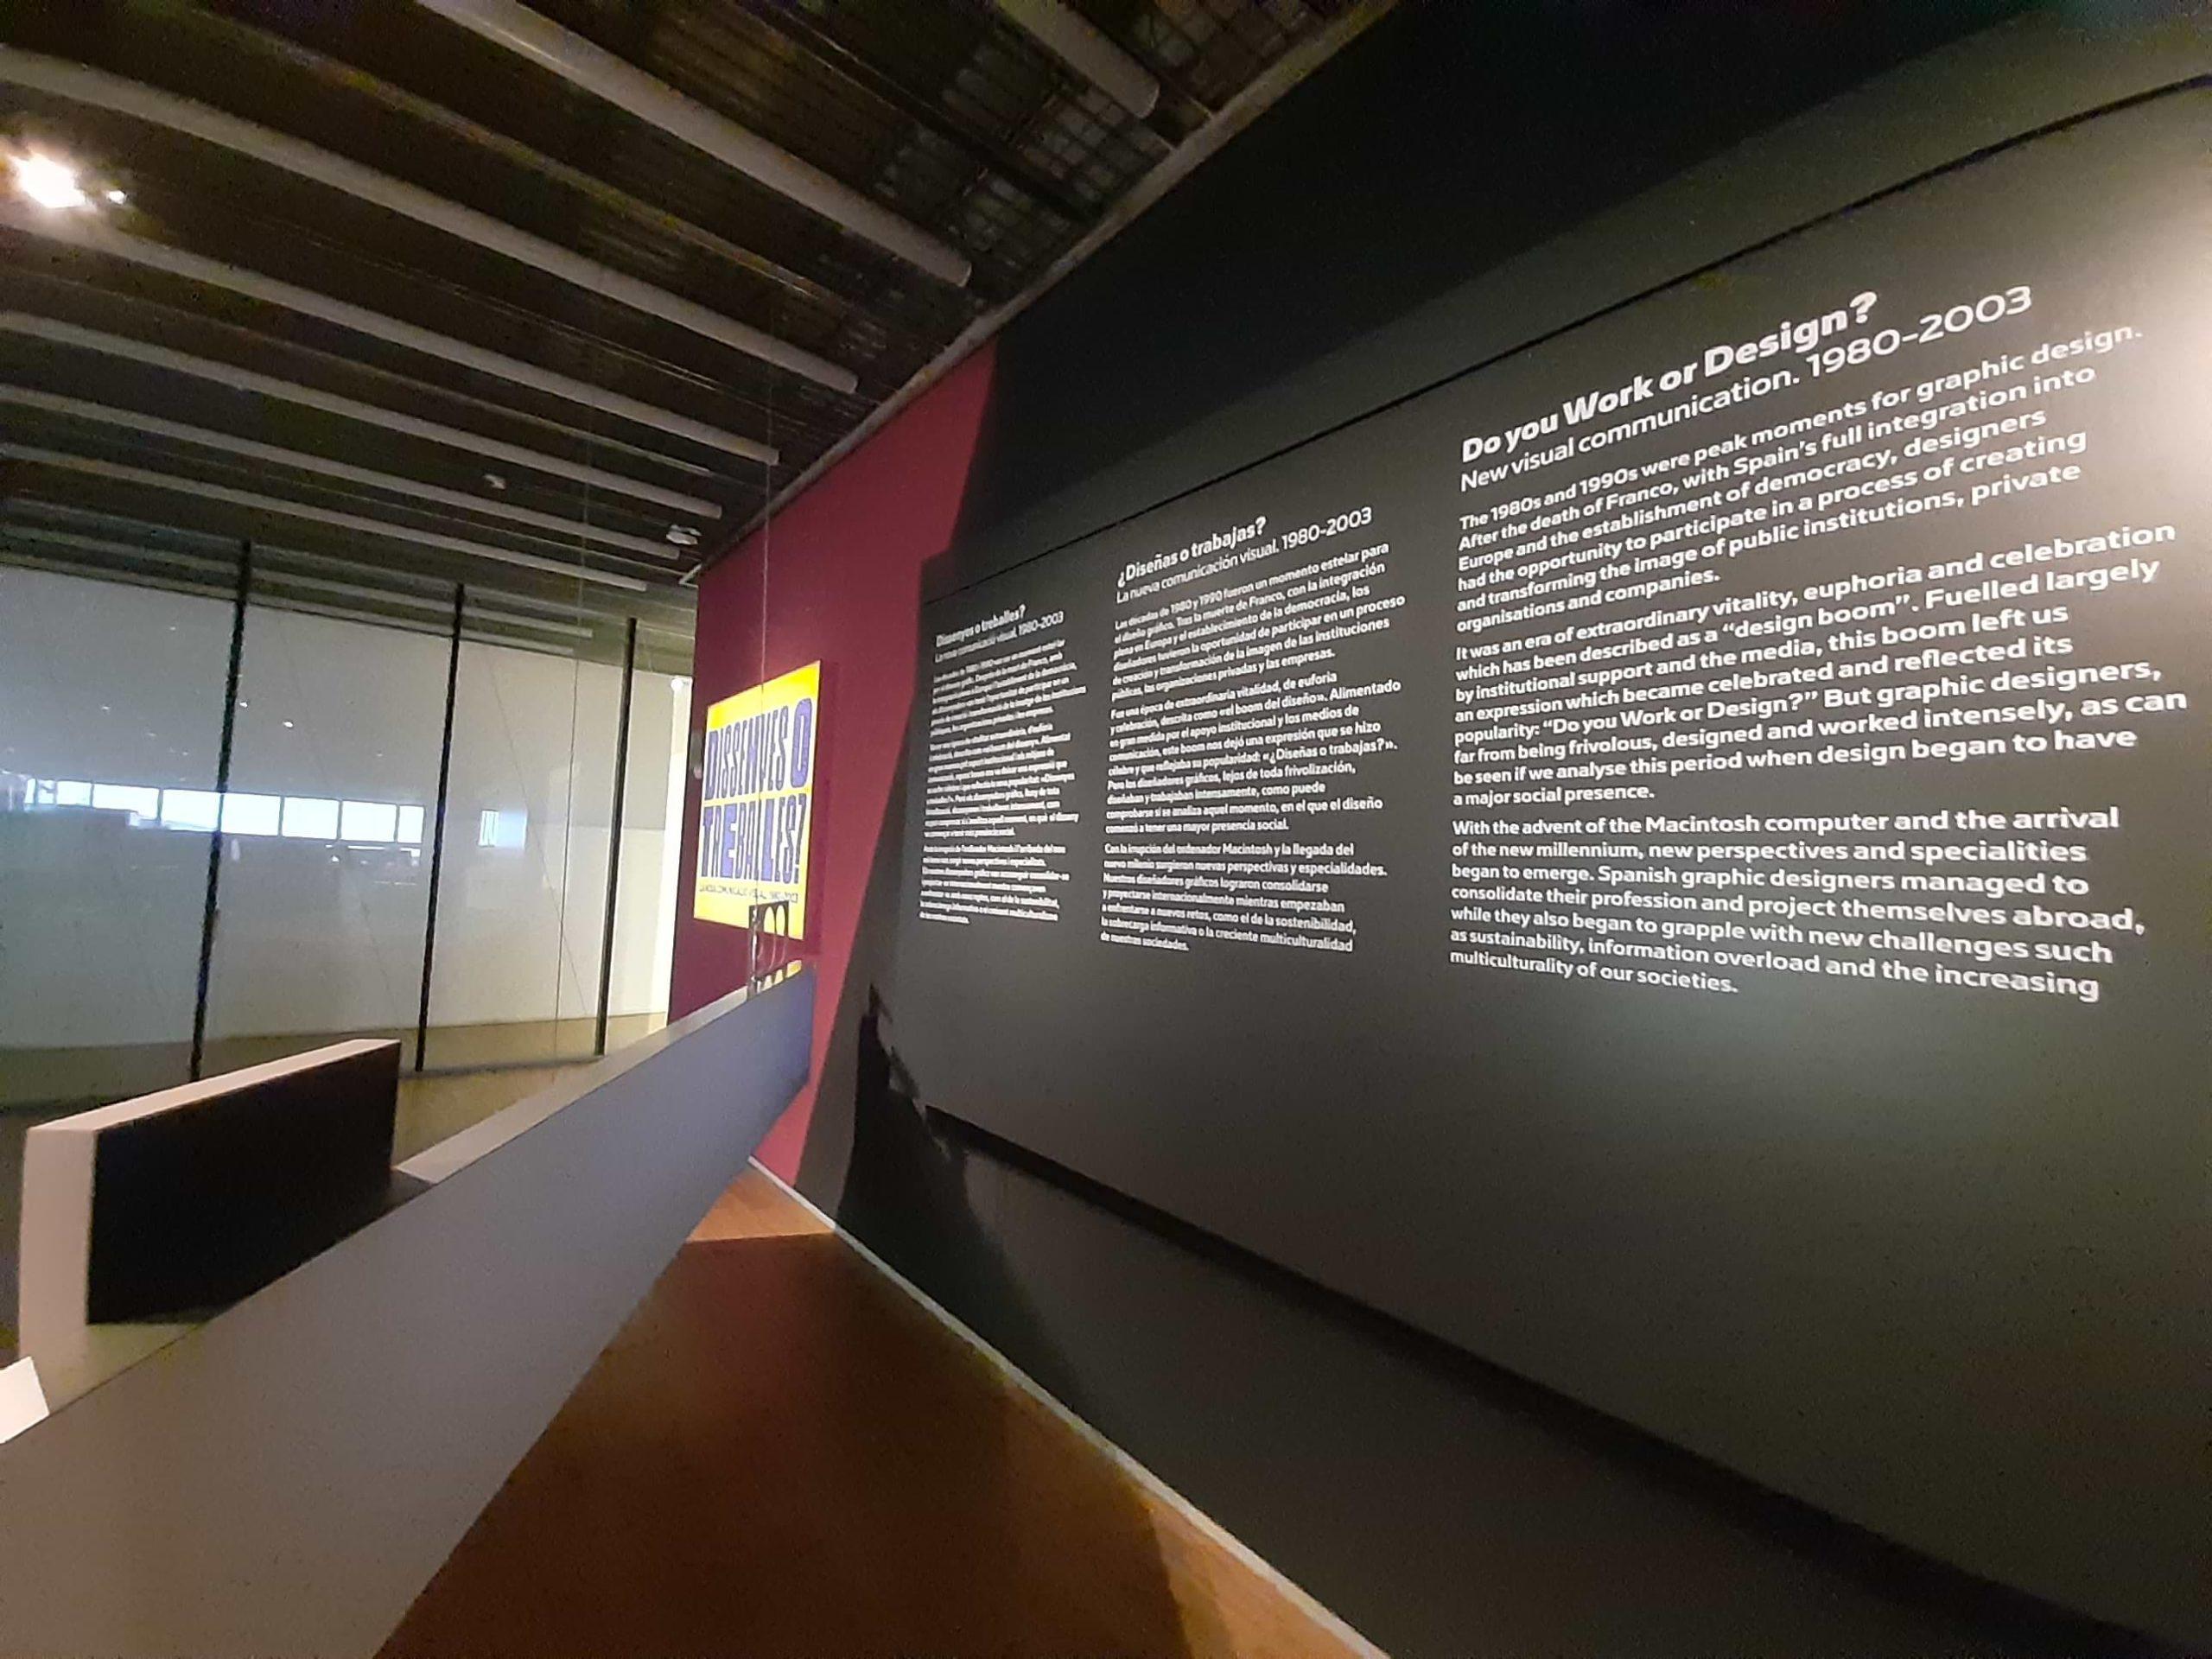 Histoire du Design graphique 1980 - 2003